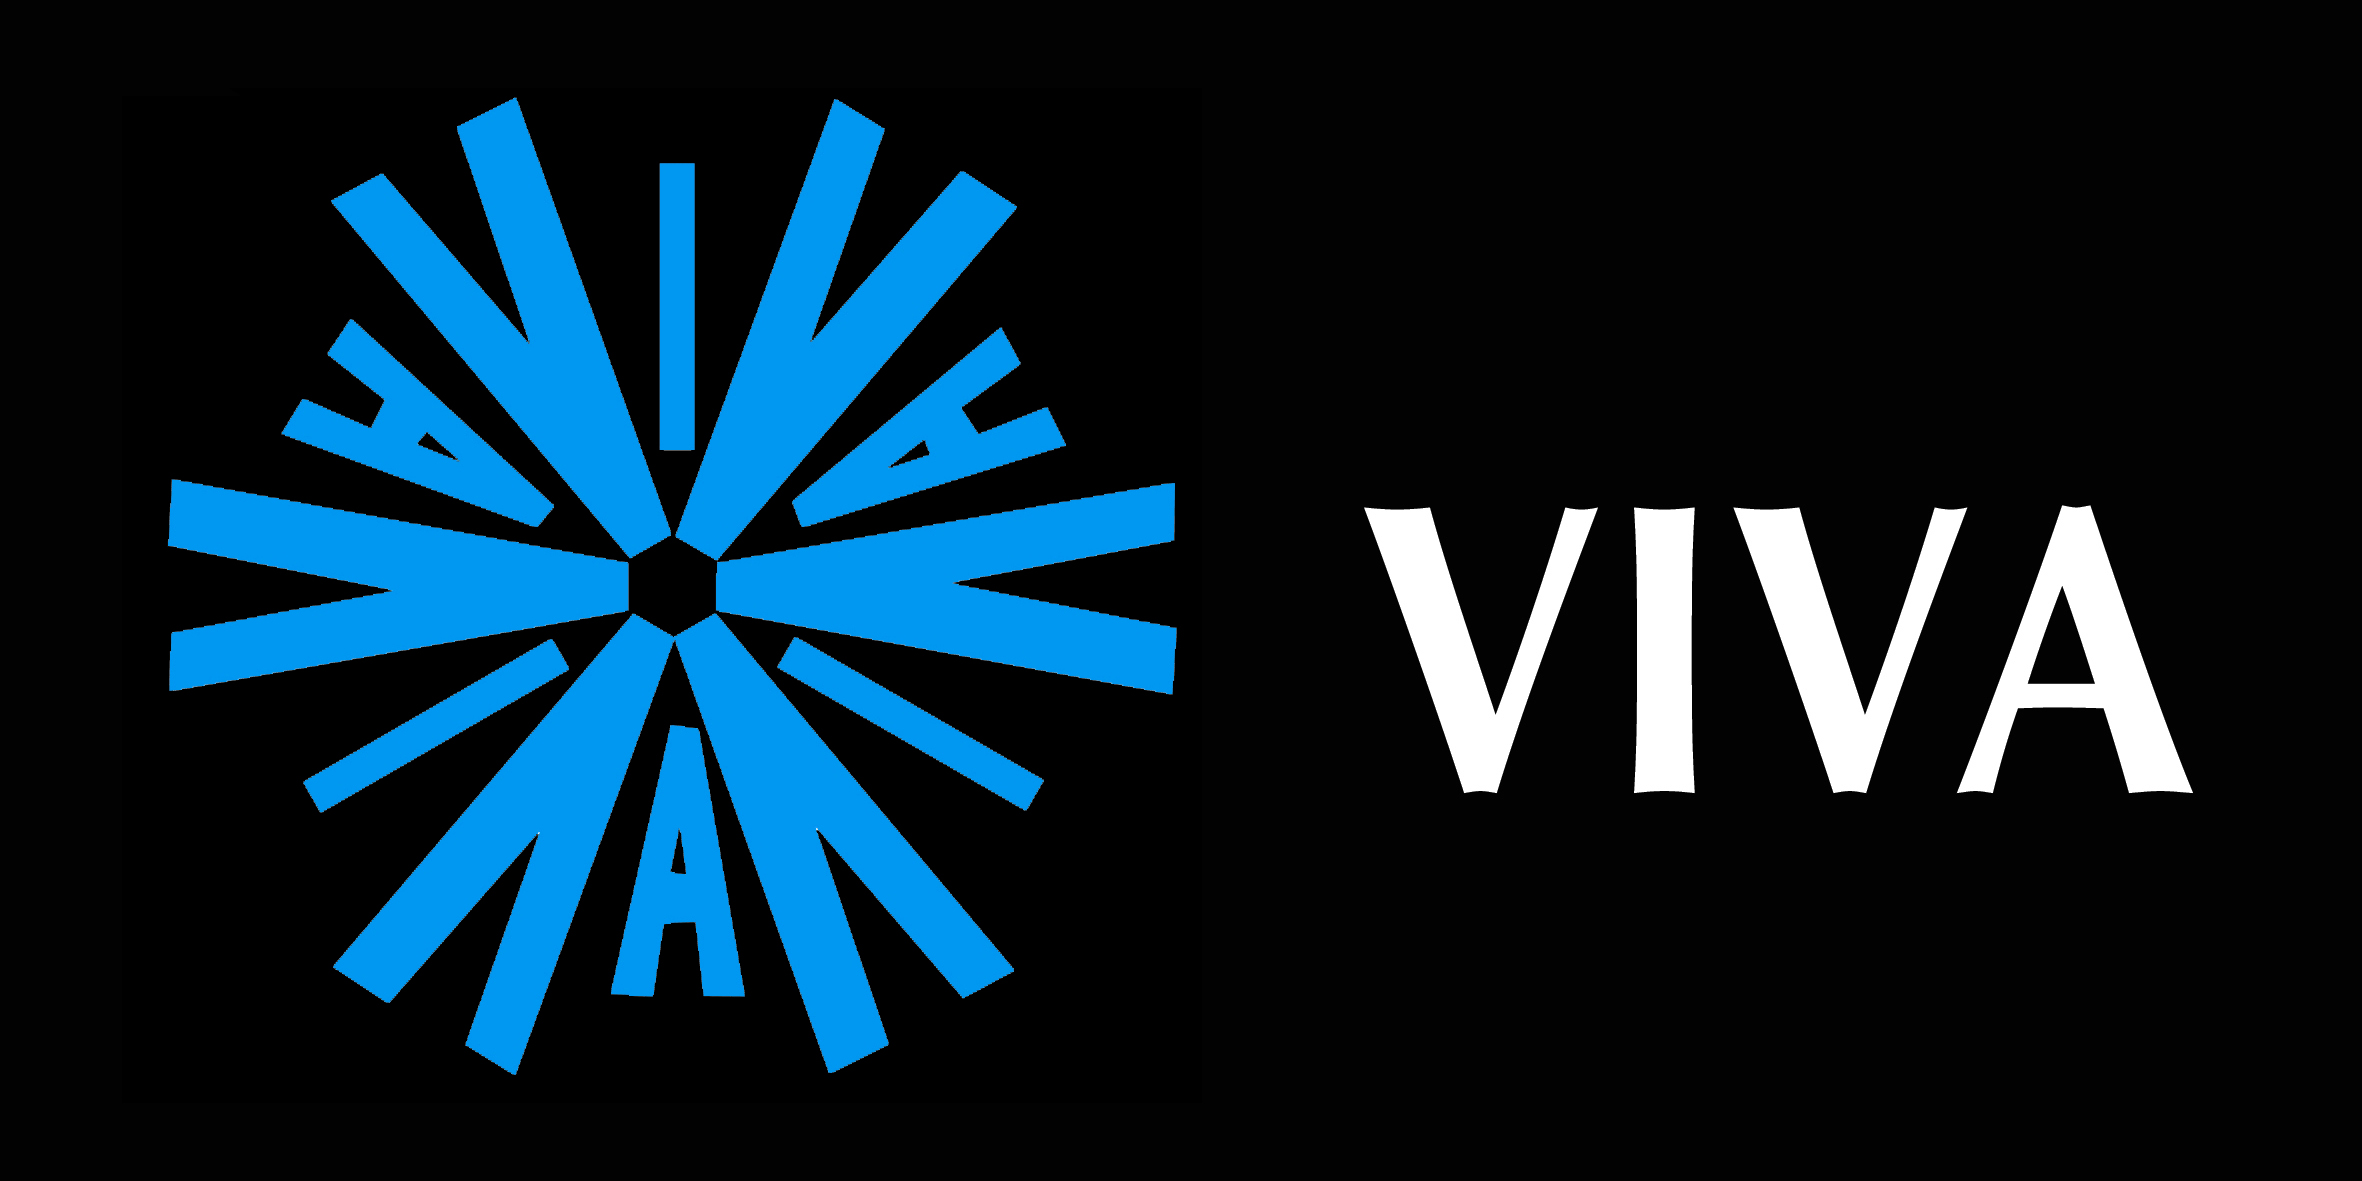 viva-black-logo-high-res.jpg